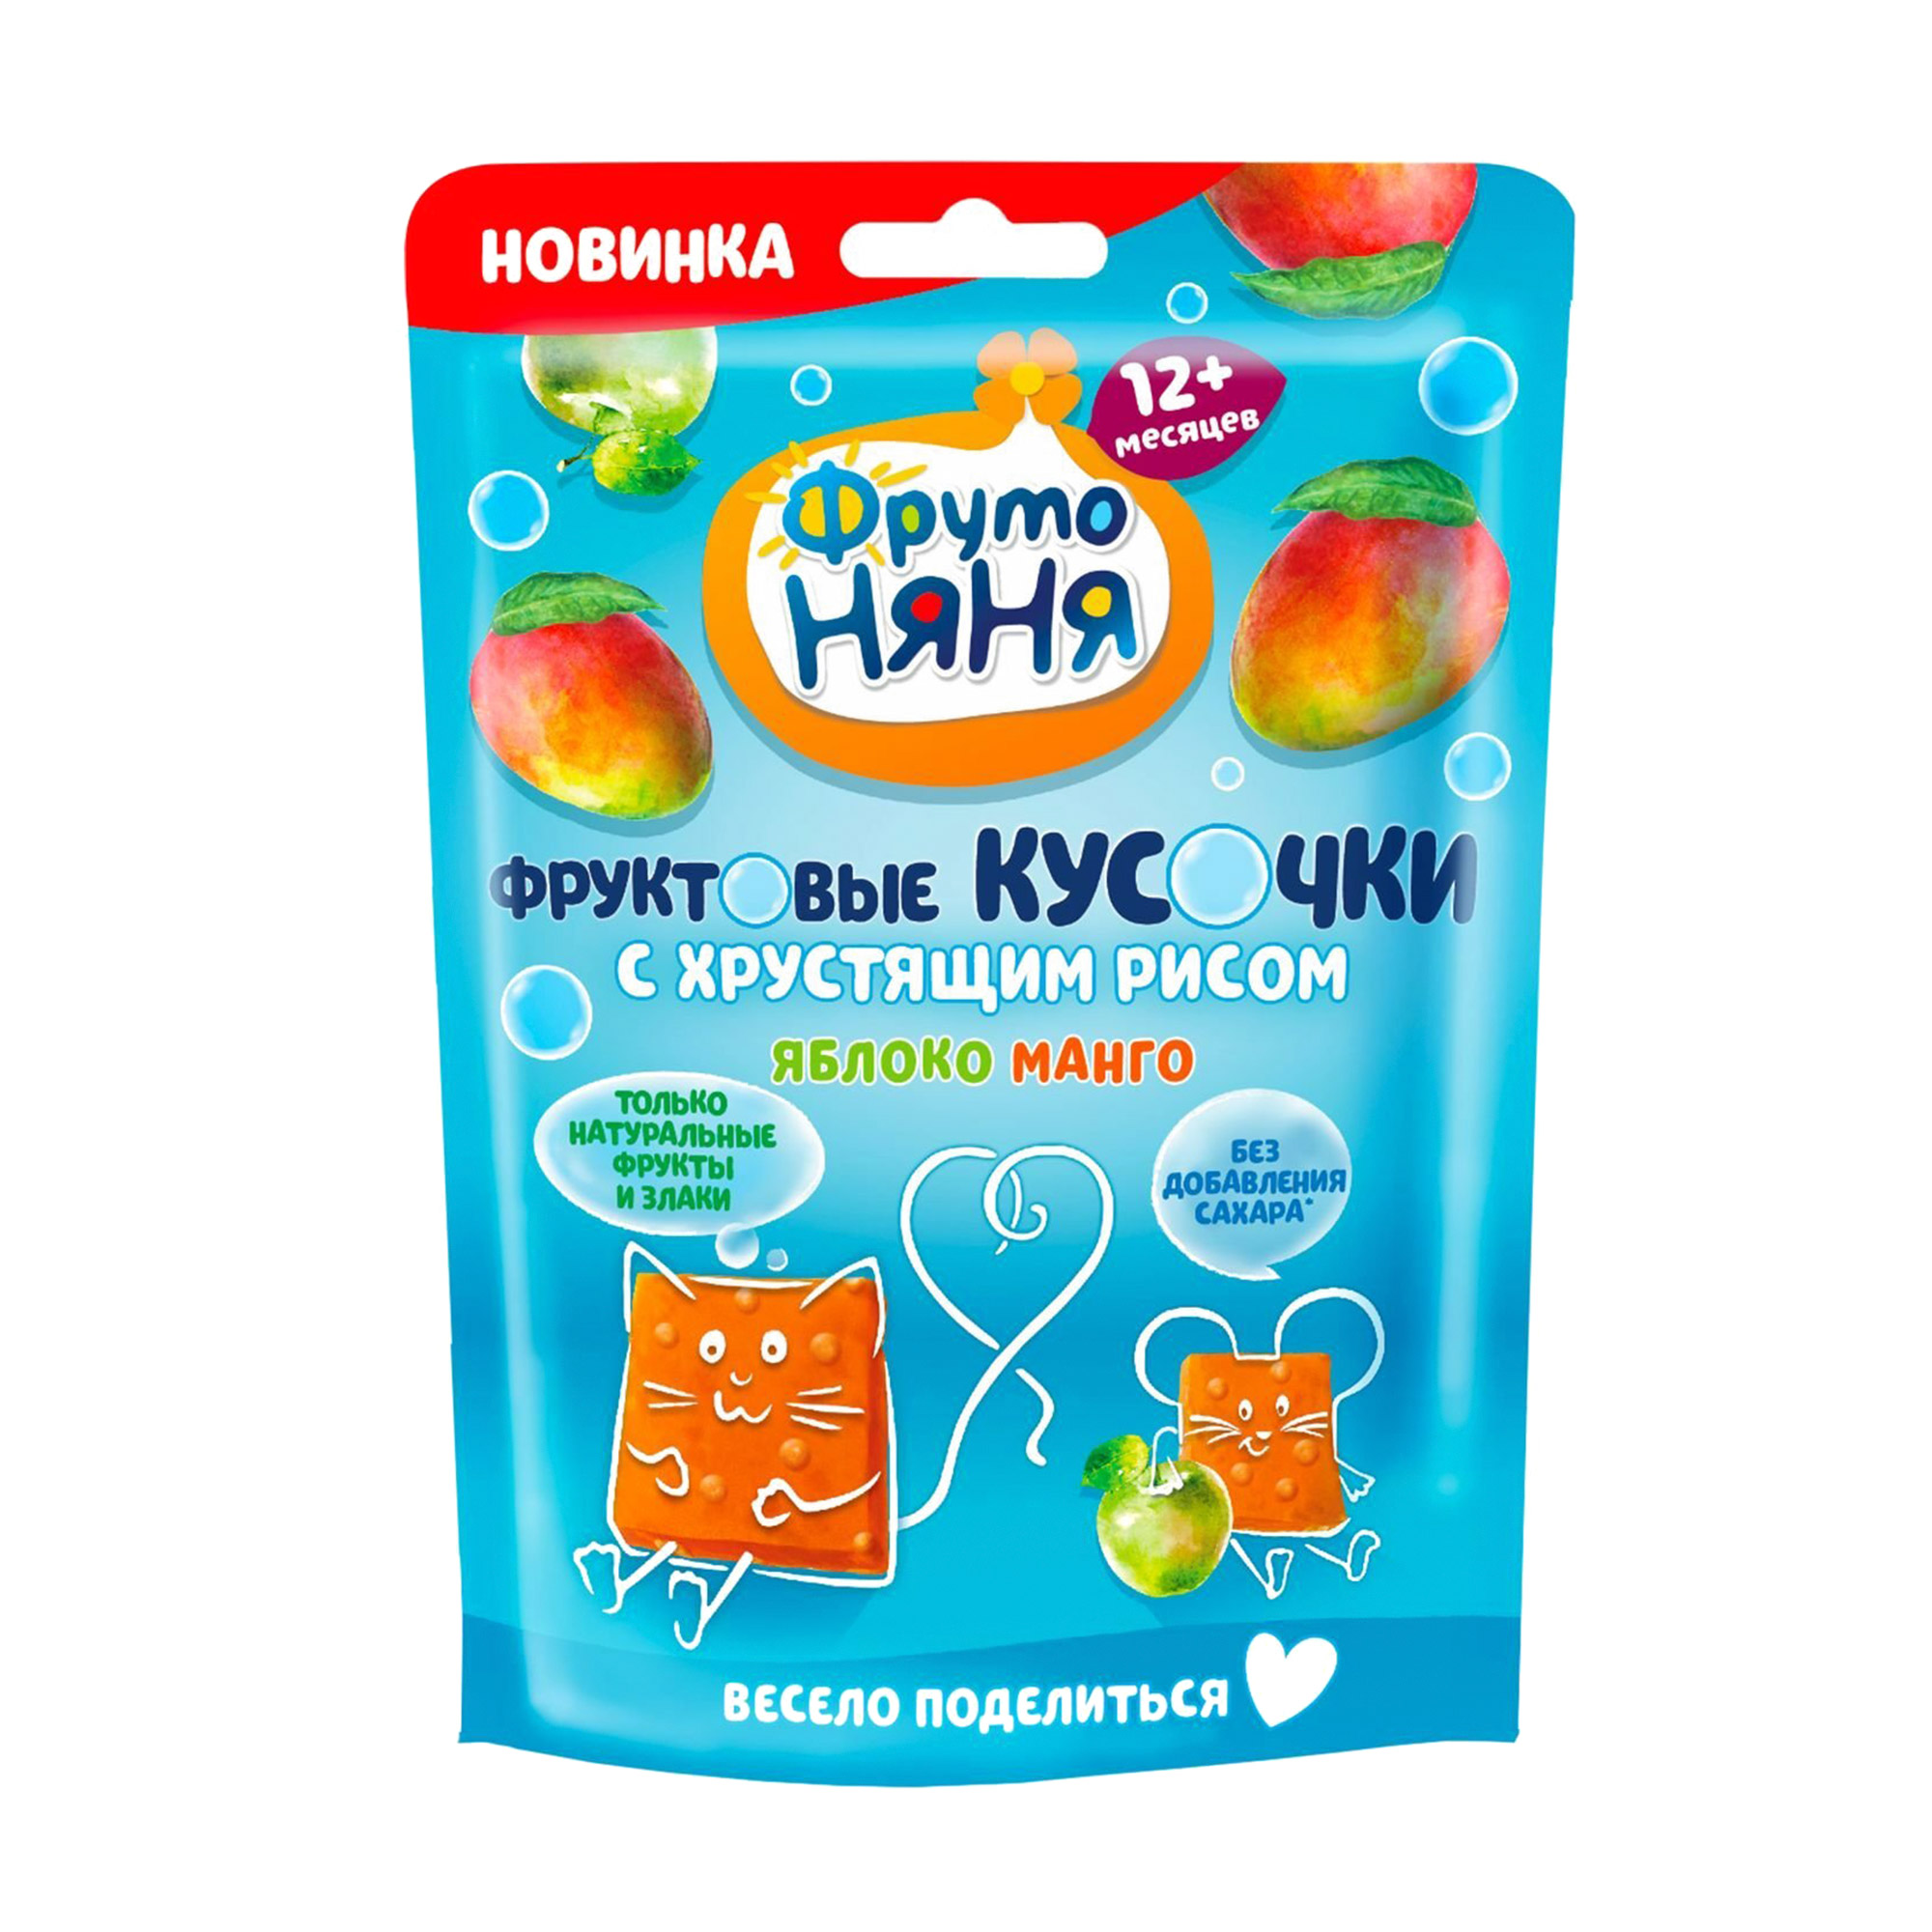 Кусочки фруктовые ФрутоНяня яблоко-манго-хрустящий рис 42 г фруктовые кусочки фрутоняня из яблок и груш 15 г